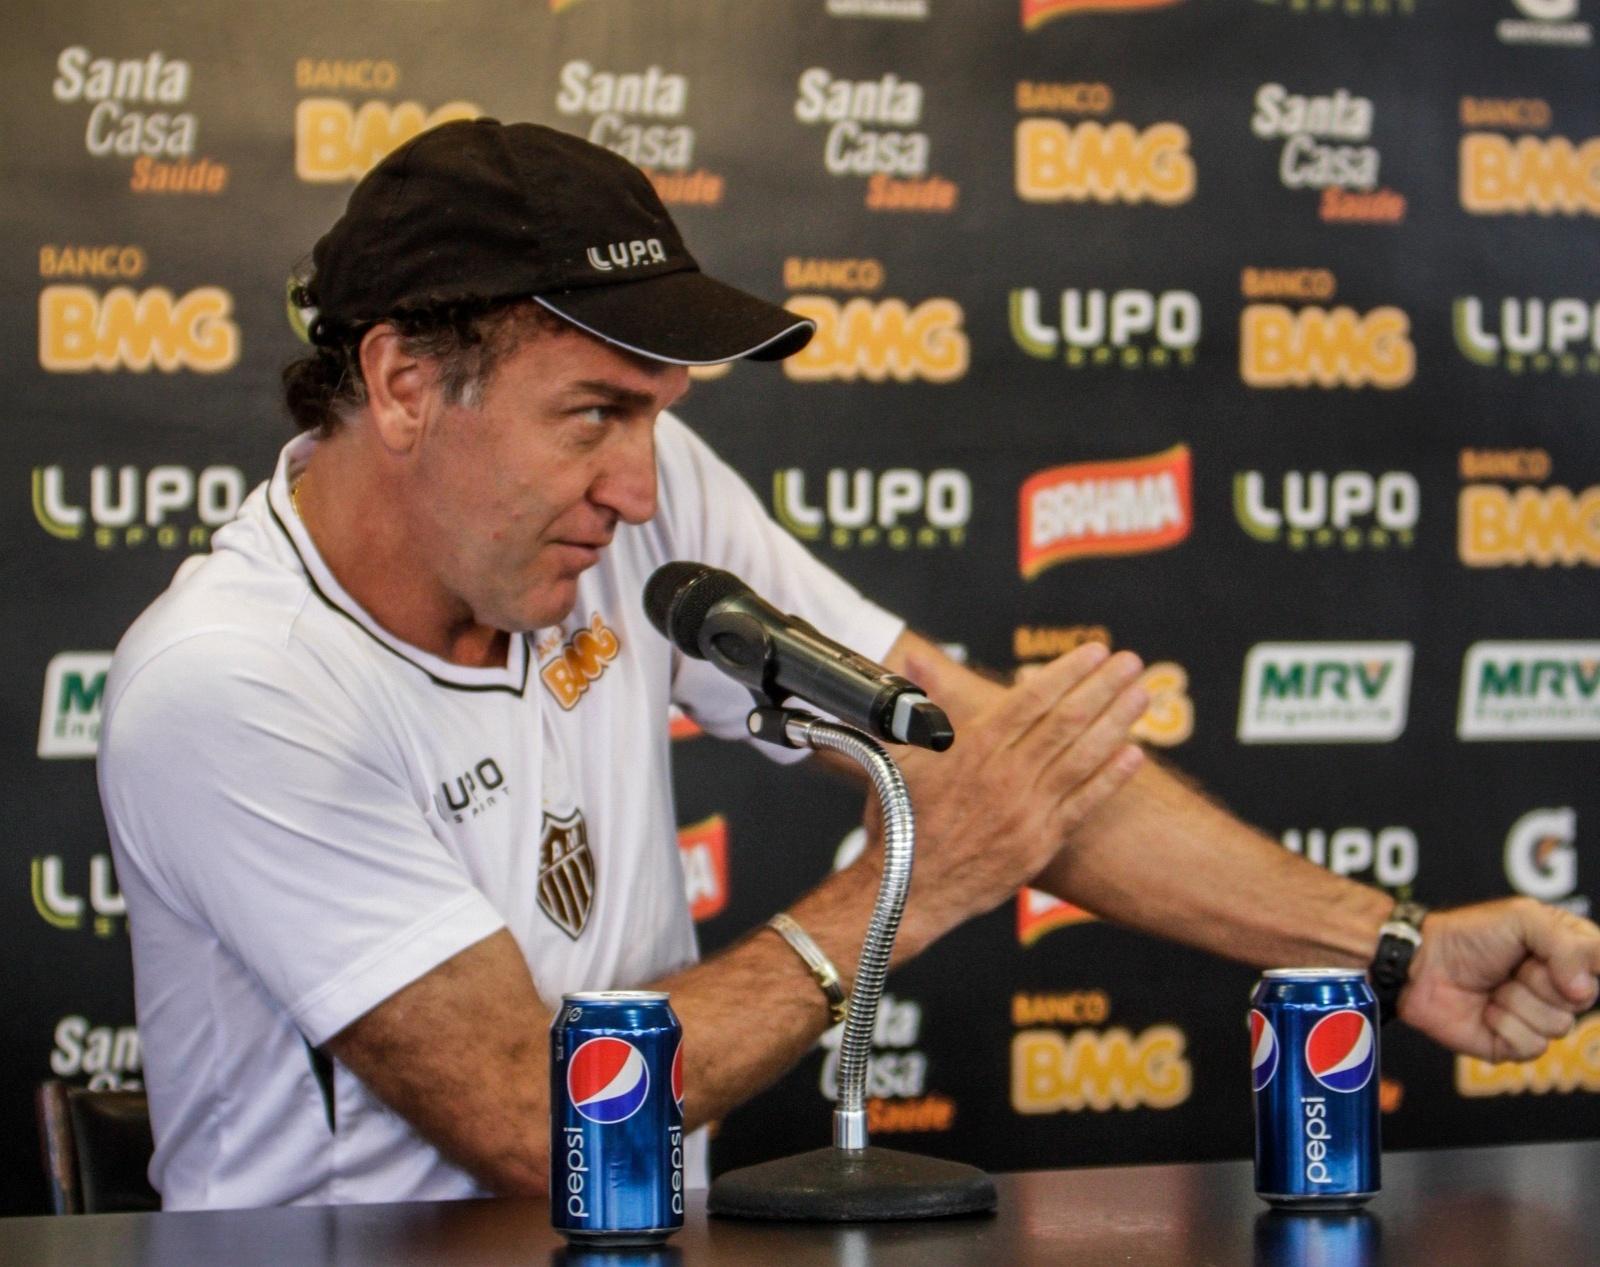 26 jul 2013 - Técnico Cuca fala em humildade e respeito aos outros clubes durante entrevista coletiva